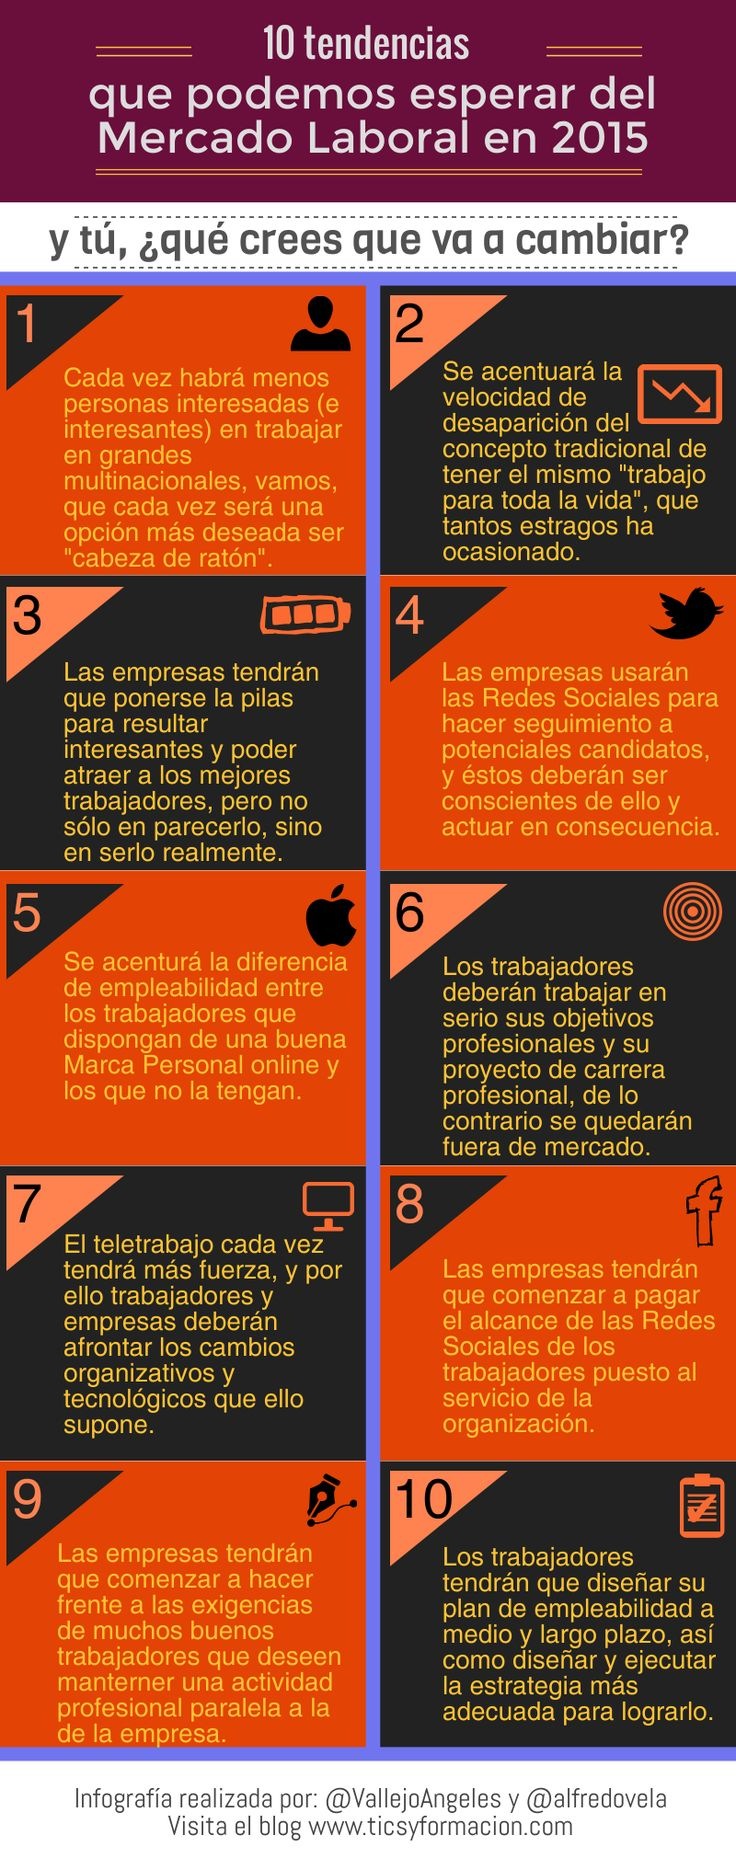 10 tendencias para el Mercado Laboral en 2015. #Empleo #Trabajo #Infografia